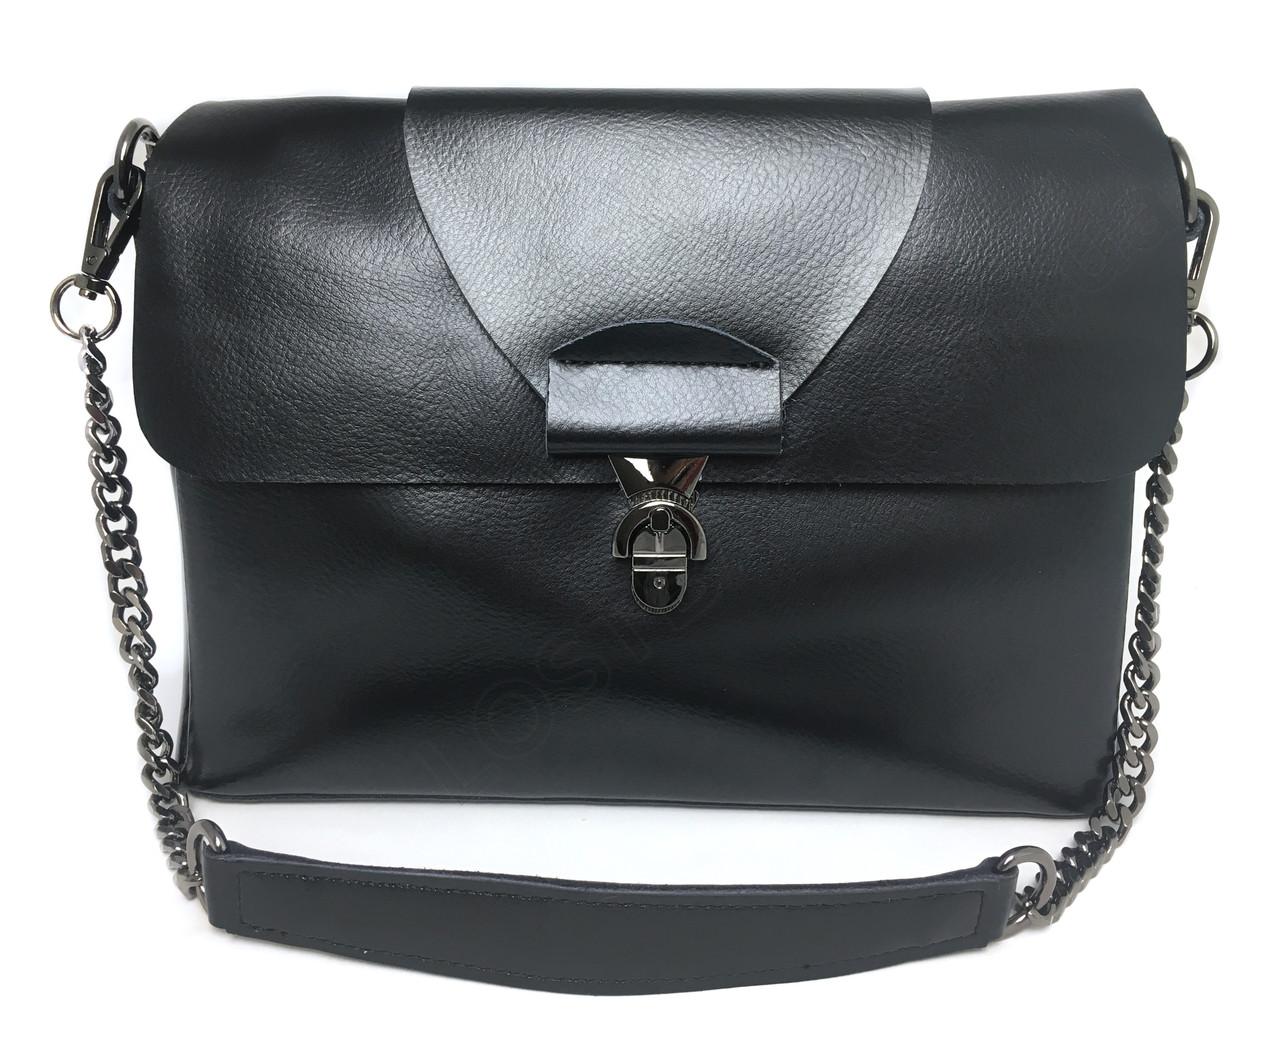 9bec863891a7 Кожаная женская сумка Galanty, цена 985 грн., купить Вишневое — Prom.ua  (ID#885164601)